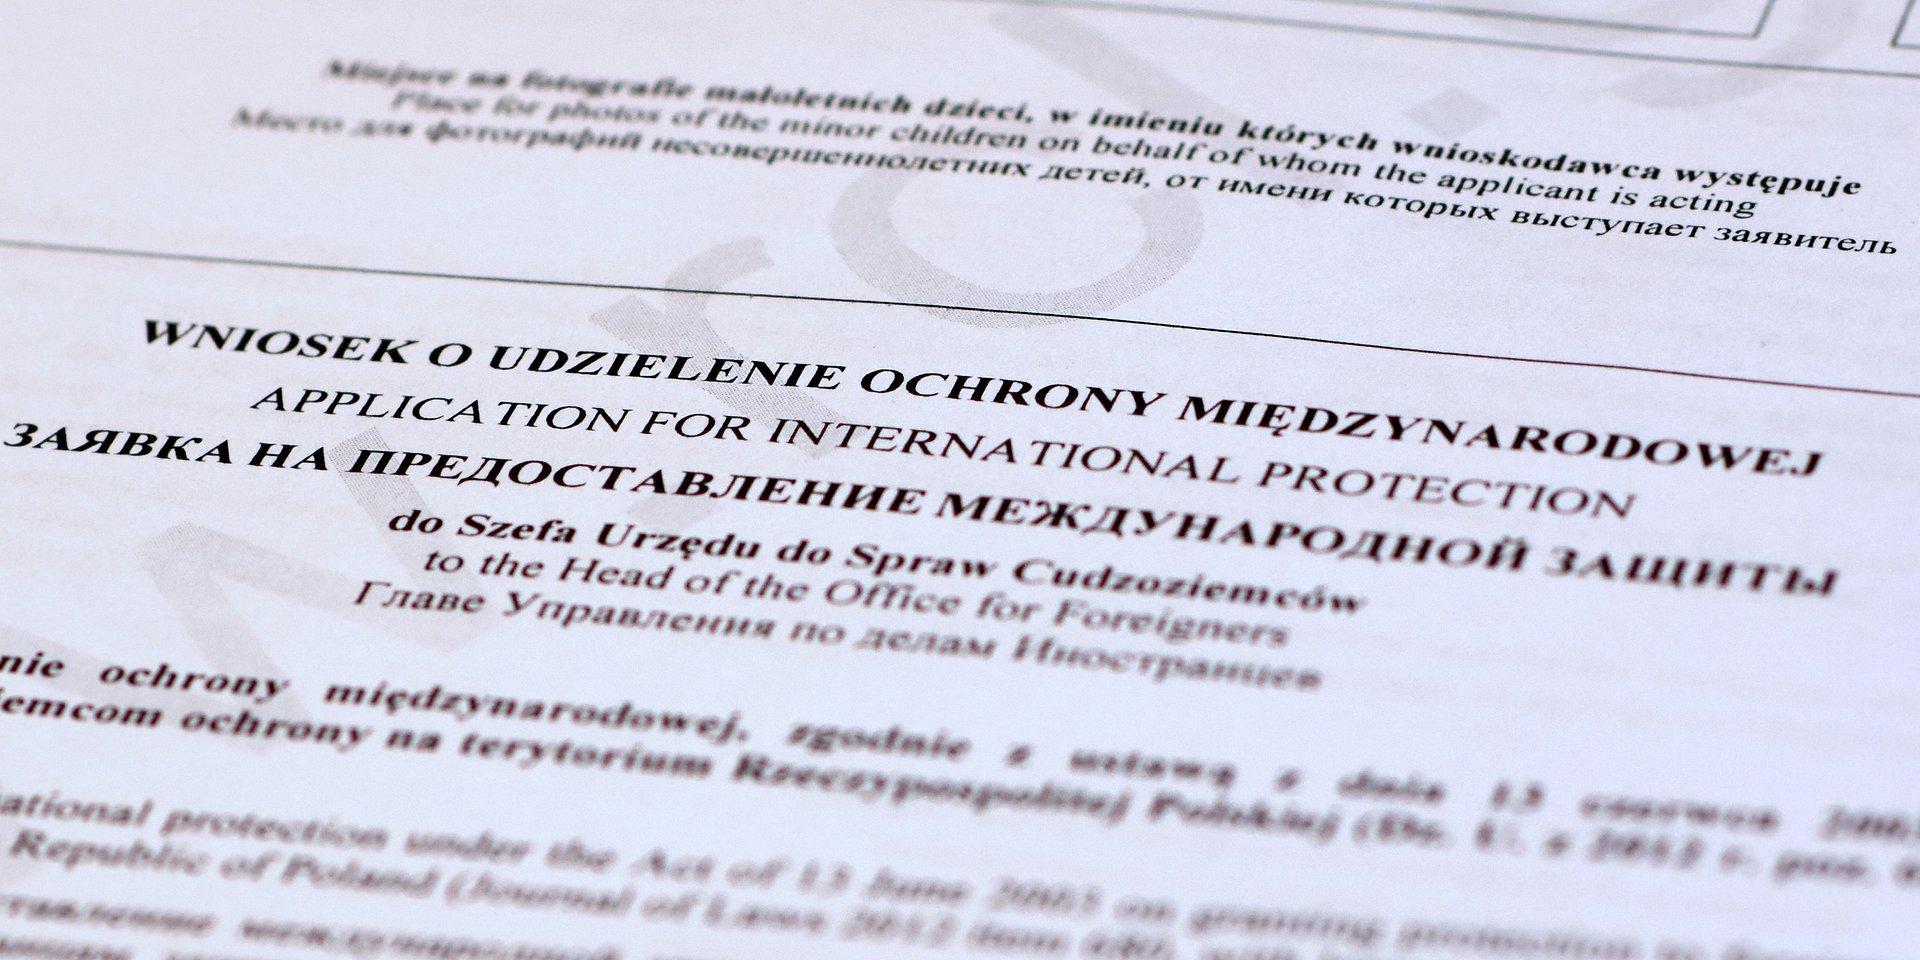 Ochrona międzynarodowa po III kwartale 2019 r.